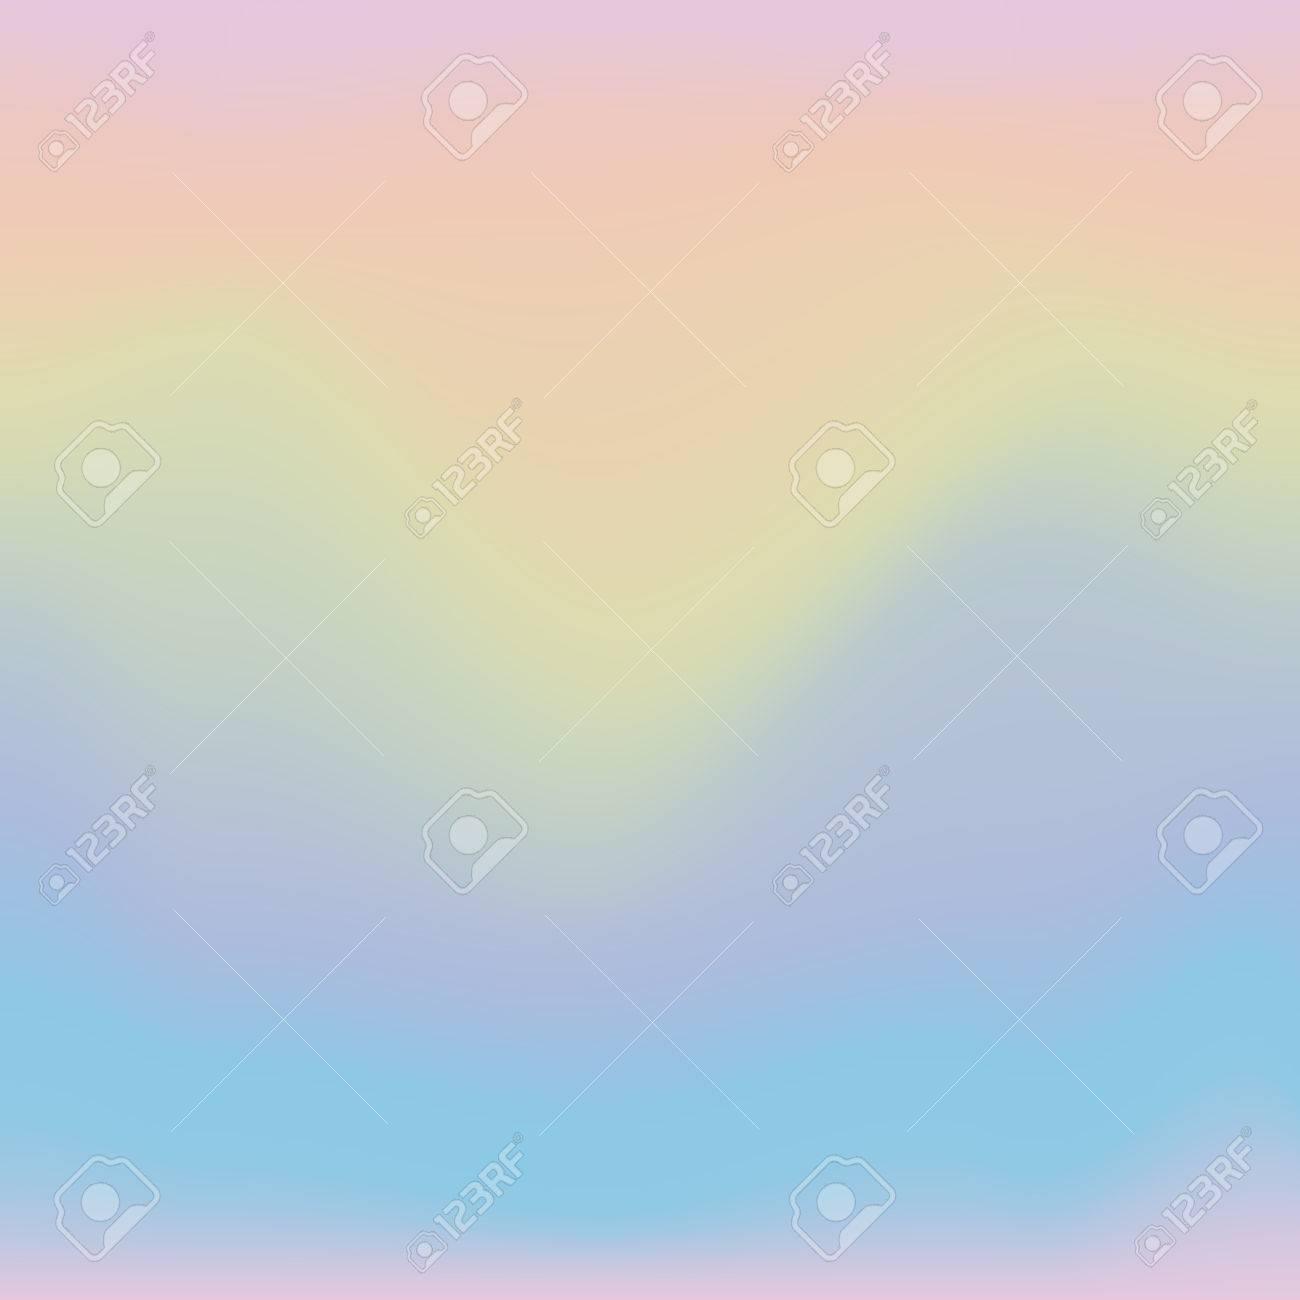 Holographic Hintergrund. Moderne Modische Holografische Hintergrund ...